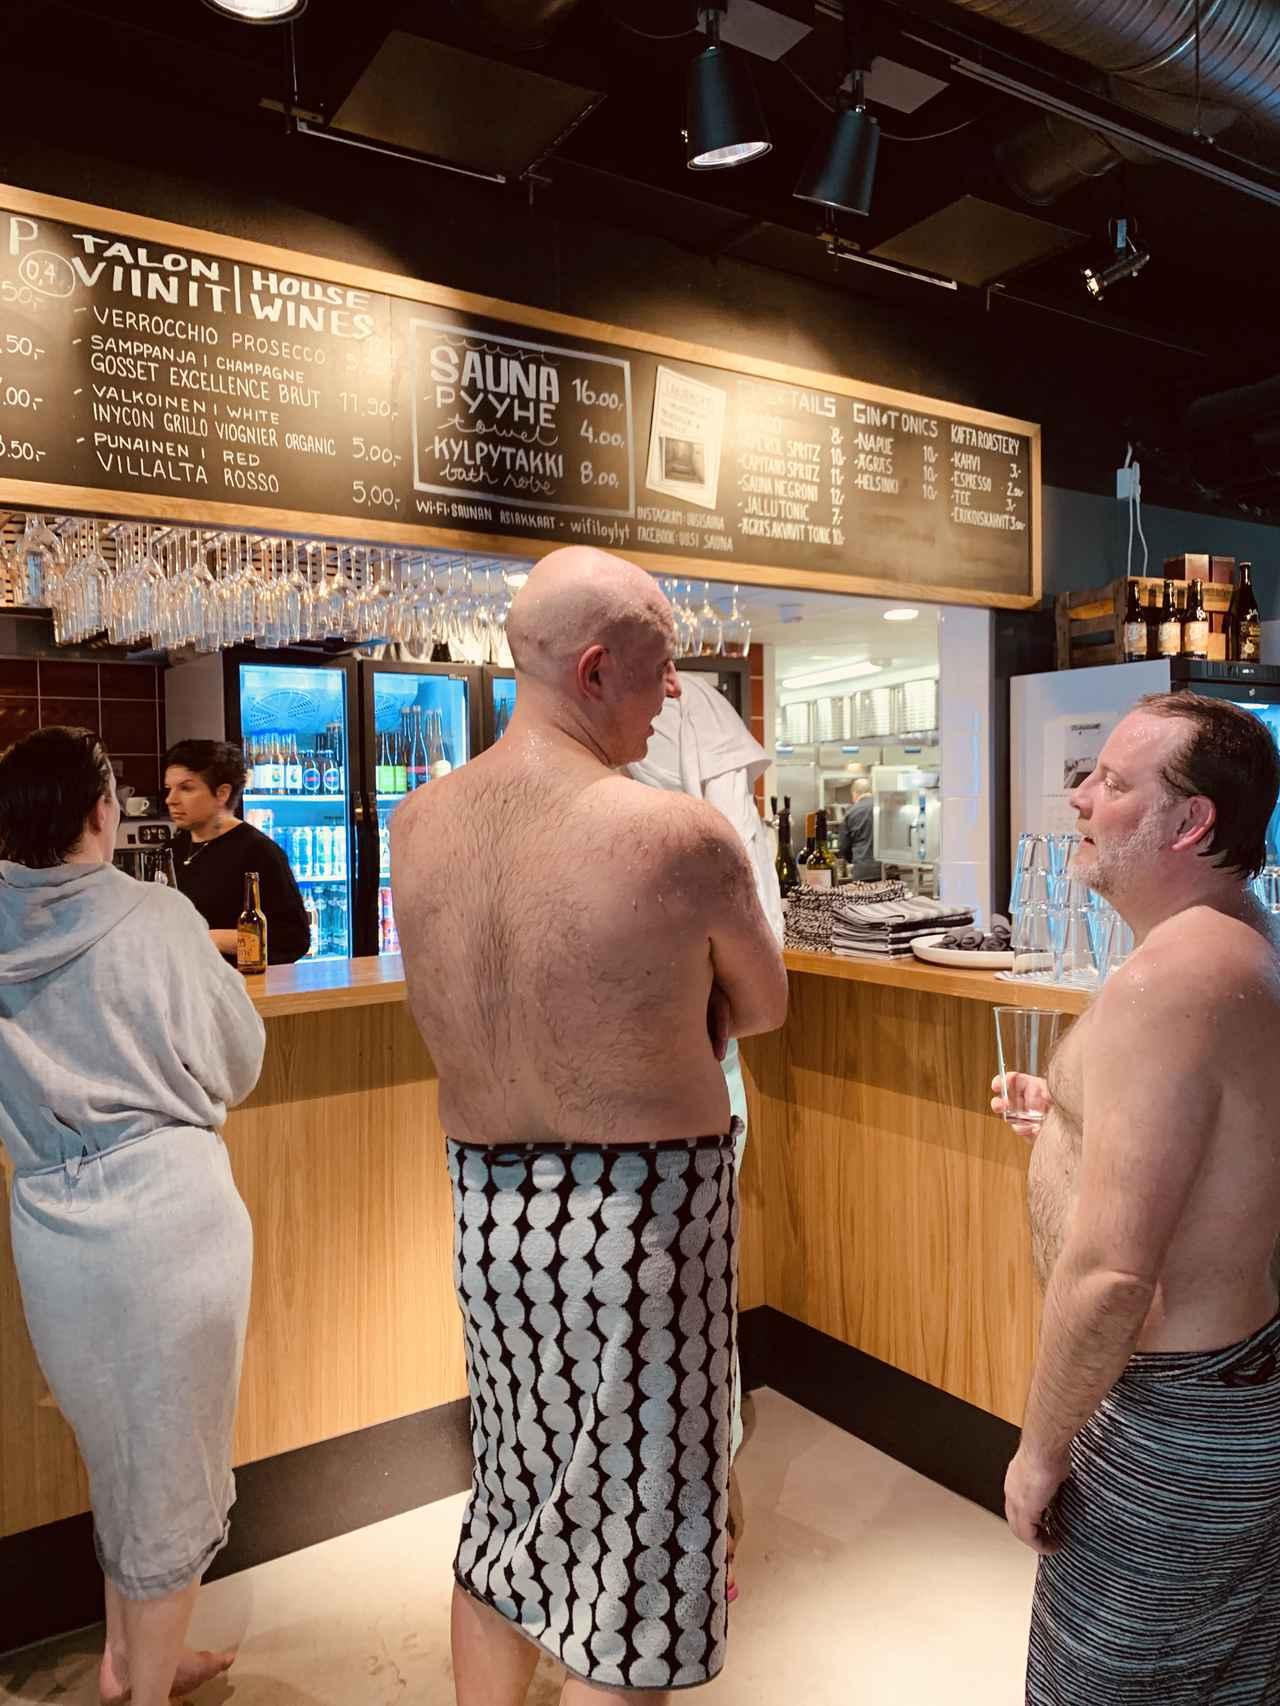 画像2: 3. プロサウナ―も驚いた!ヘルシンキの最新サウナ Uusi Sauna